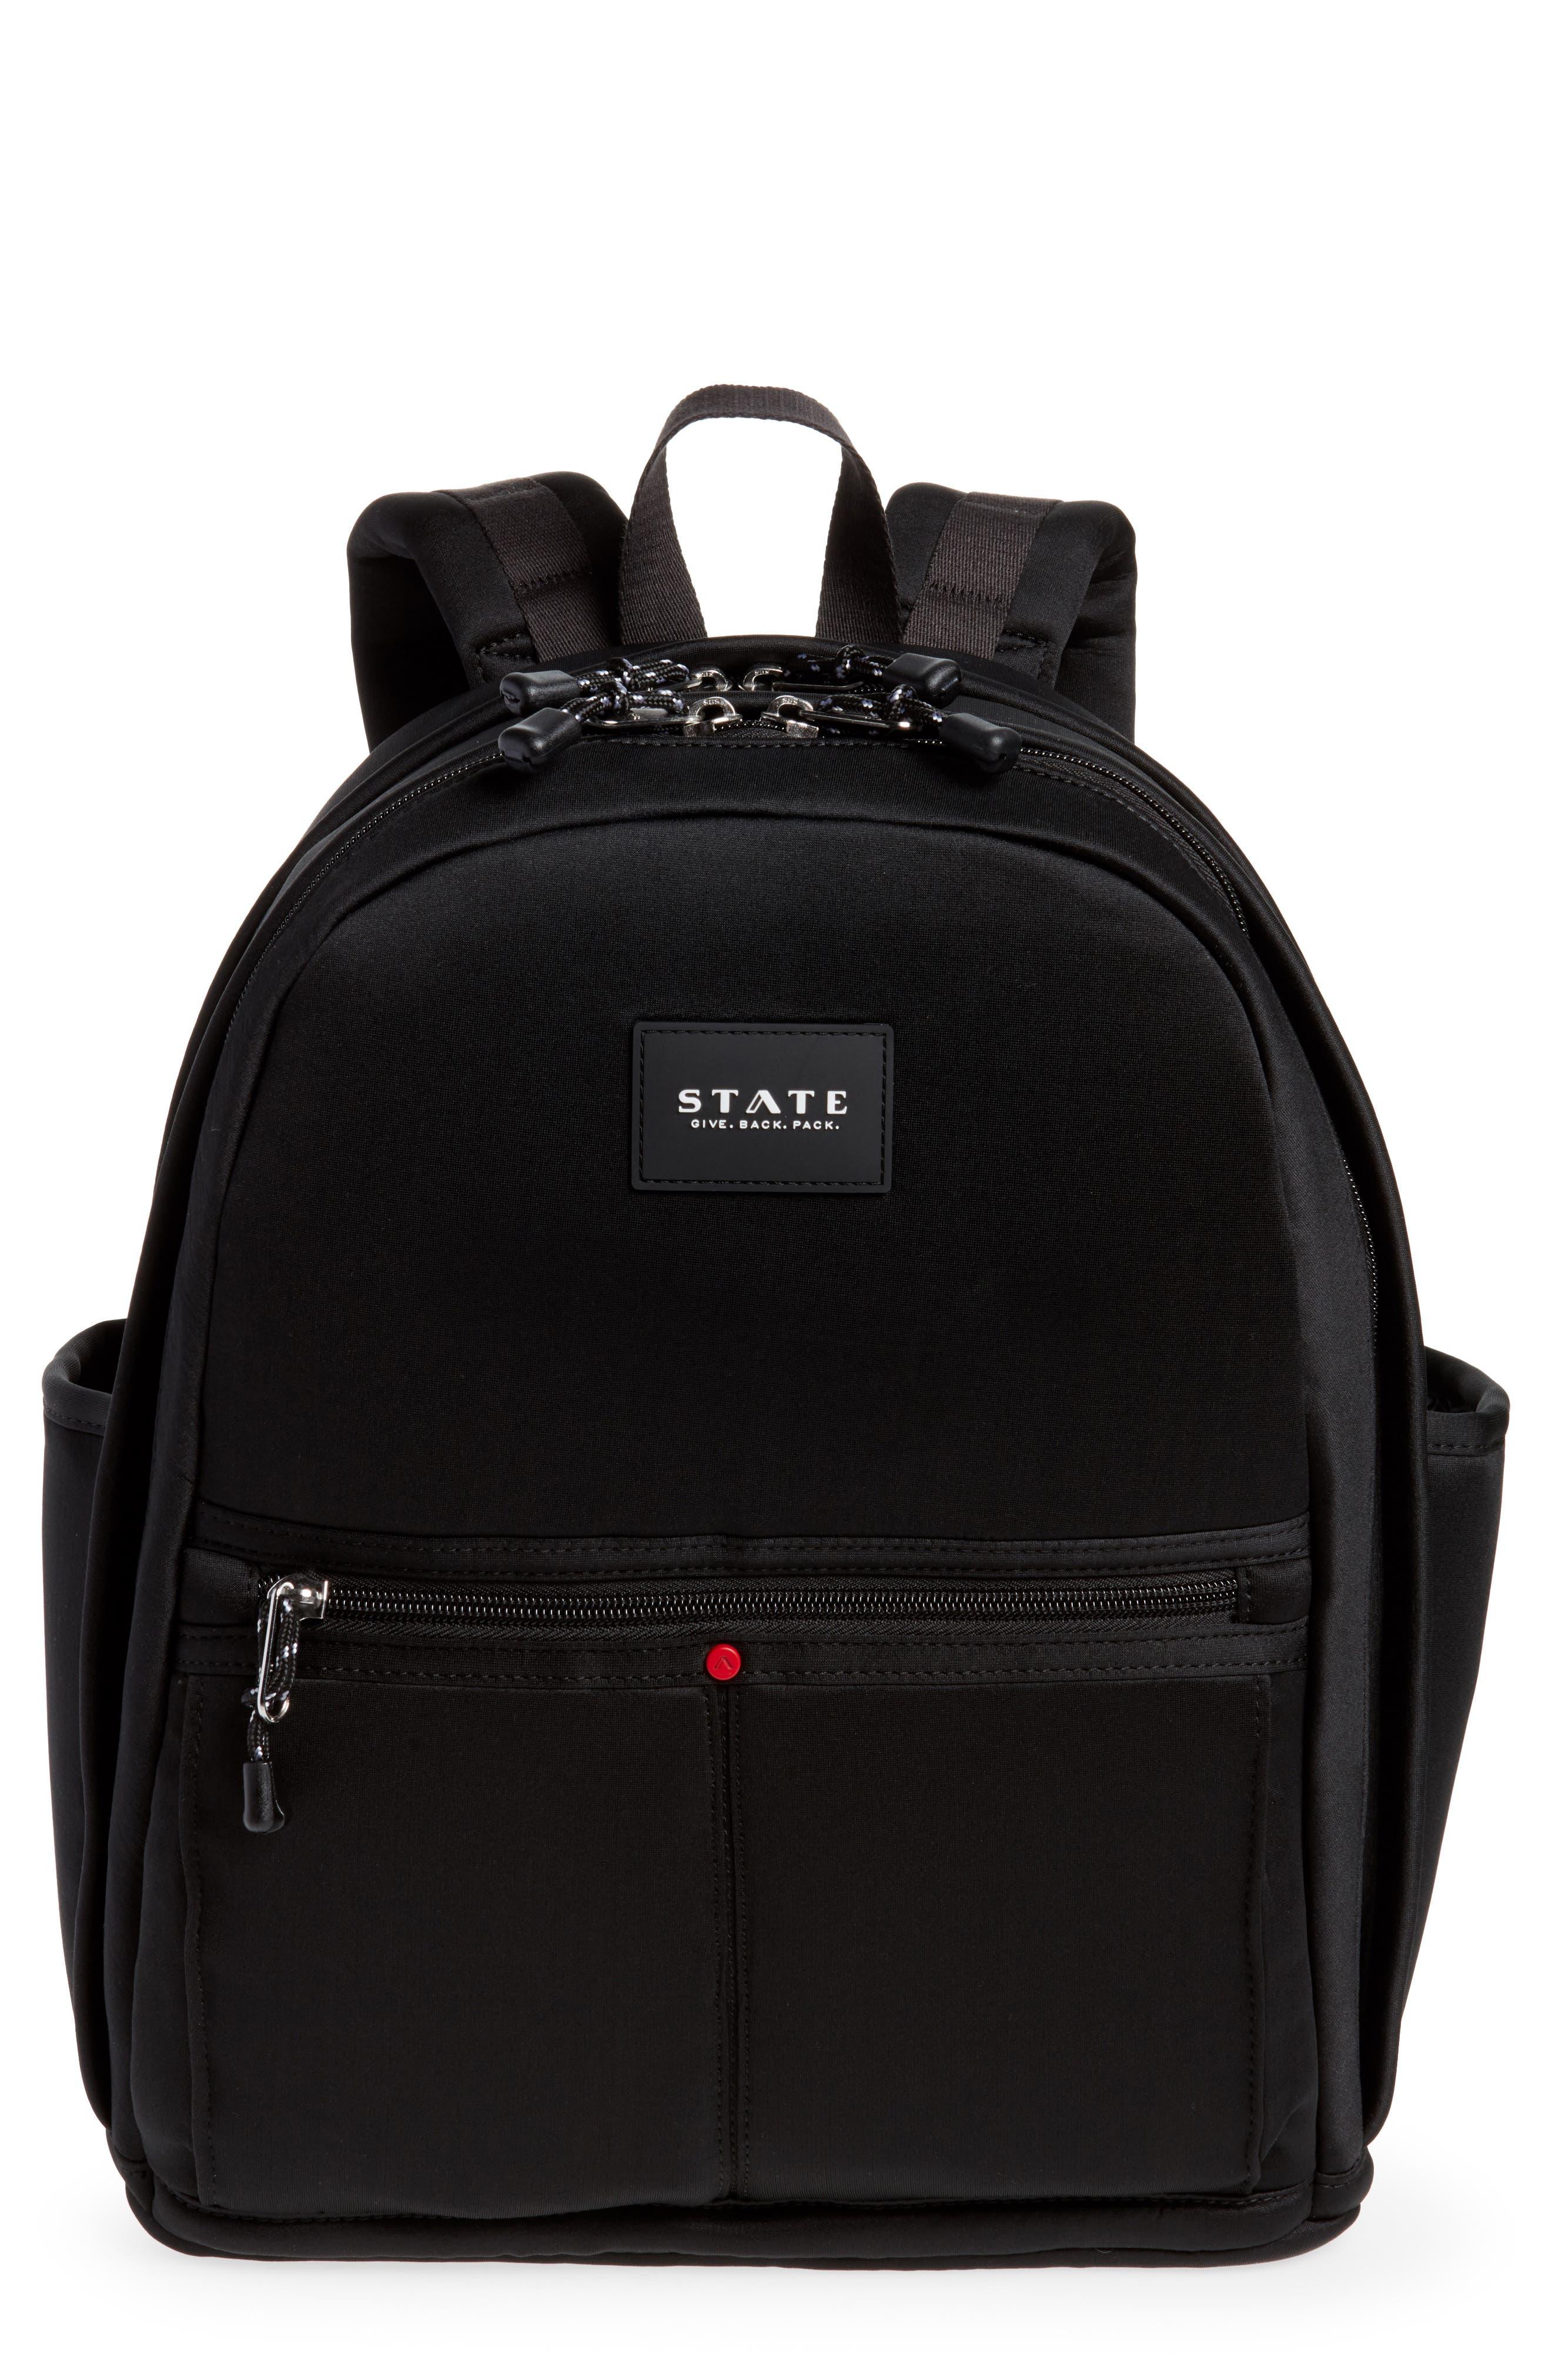 Bedford Neoprene Backpack,                             Main thumbnail 1, color,                             BLACK